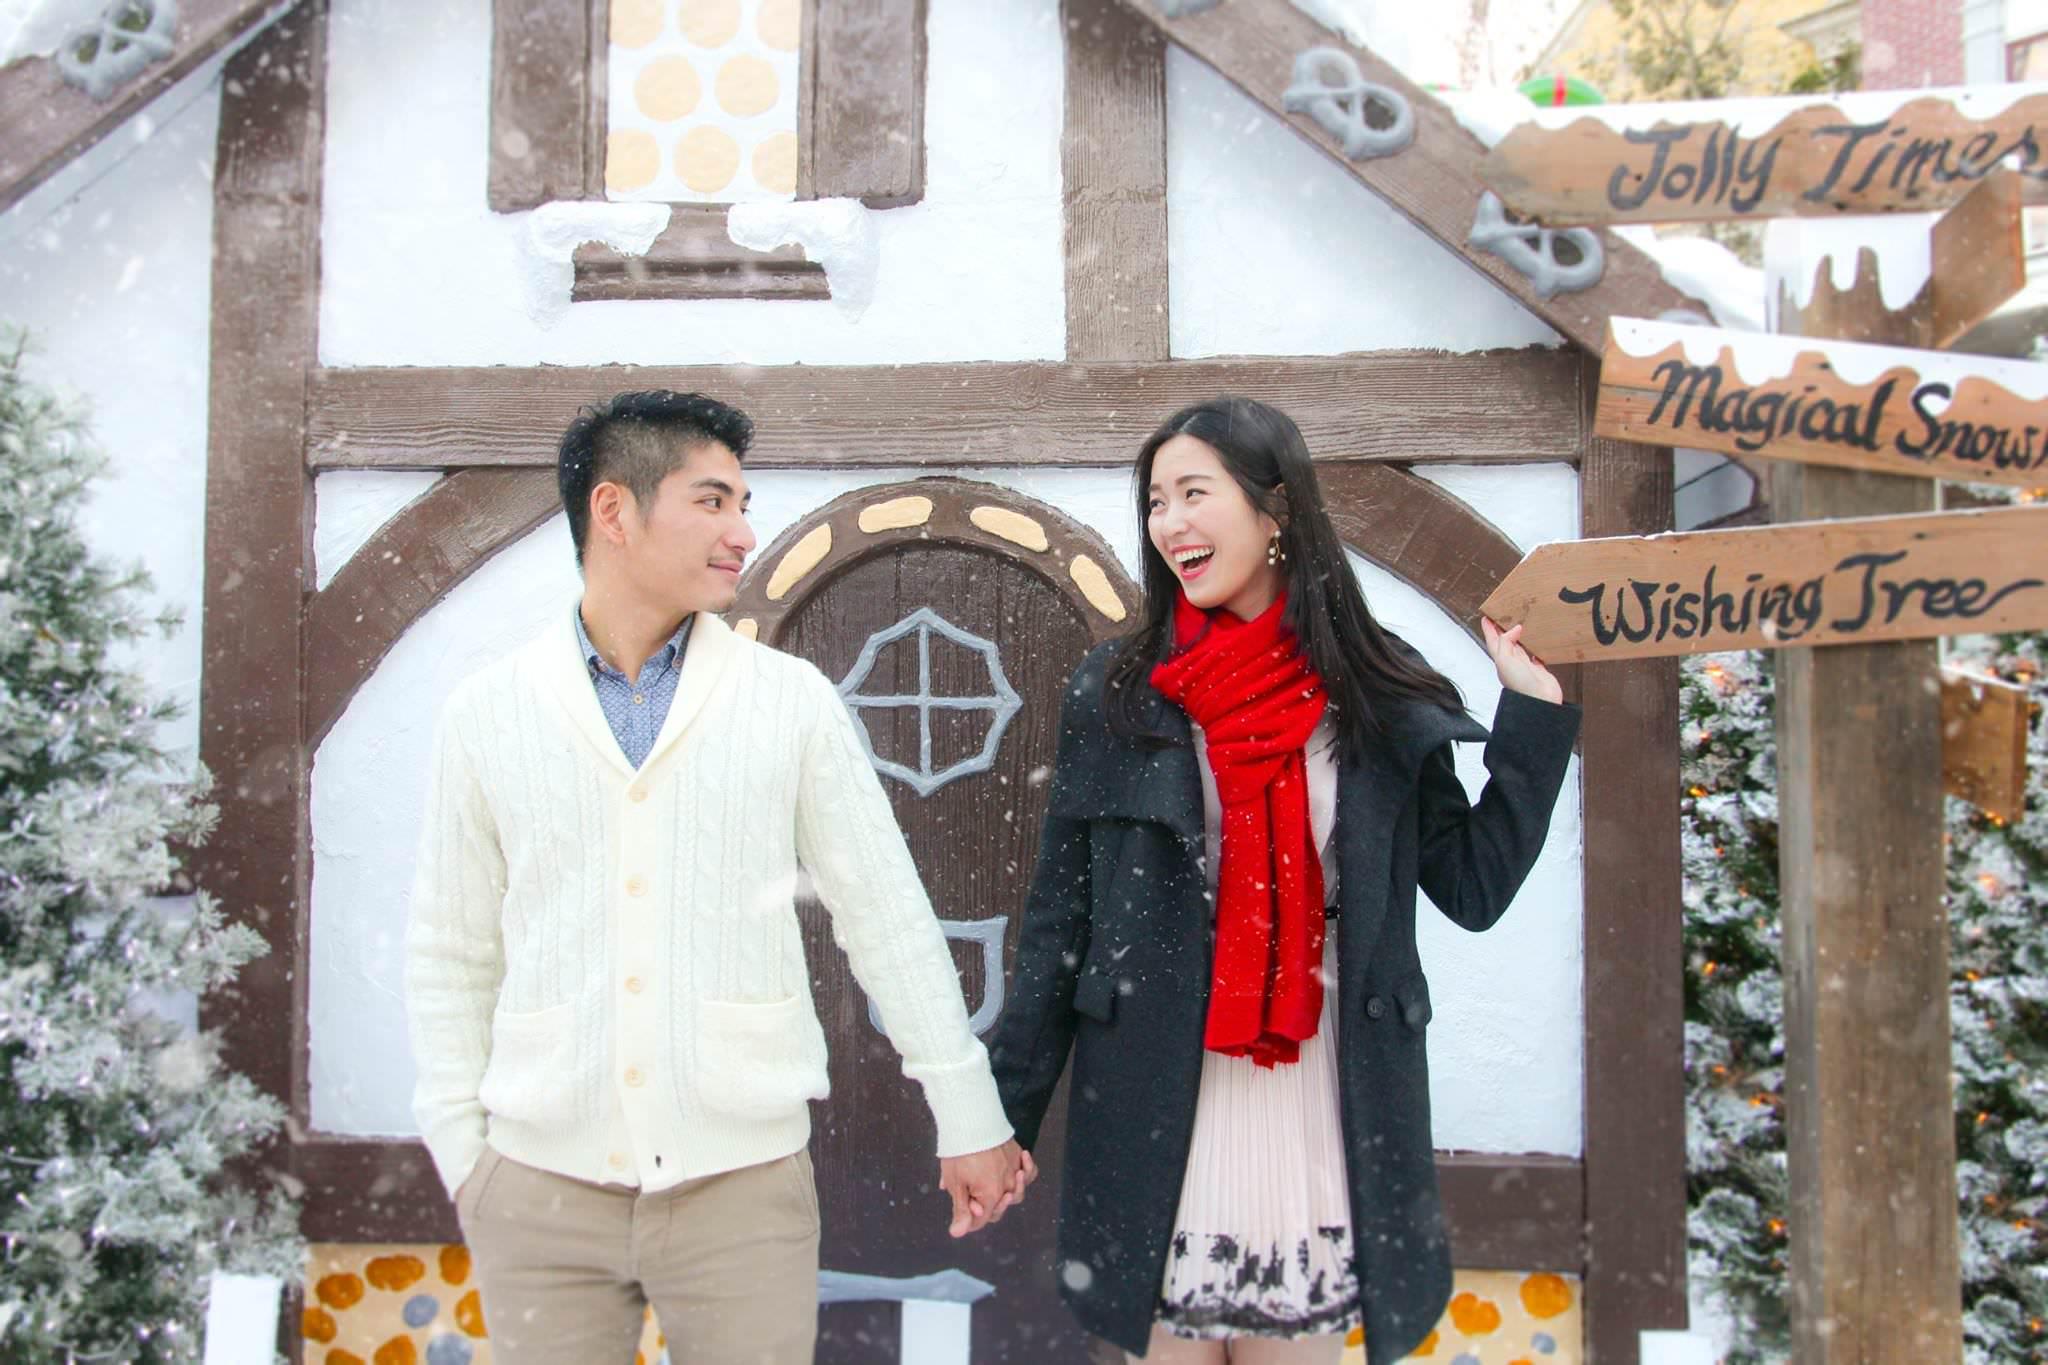 新竹下雪了!全台最浪漫的夢幻白雪耶誕村!聖誕老人來台灣啦!